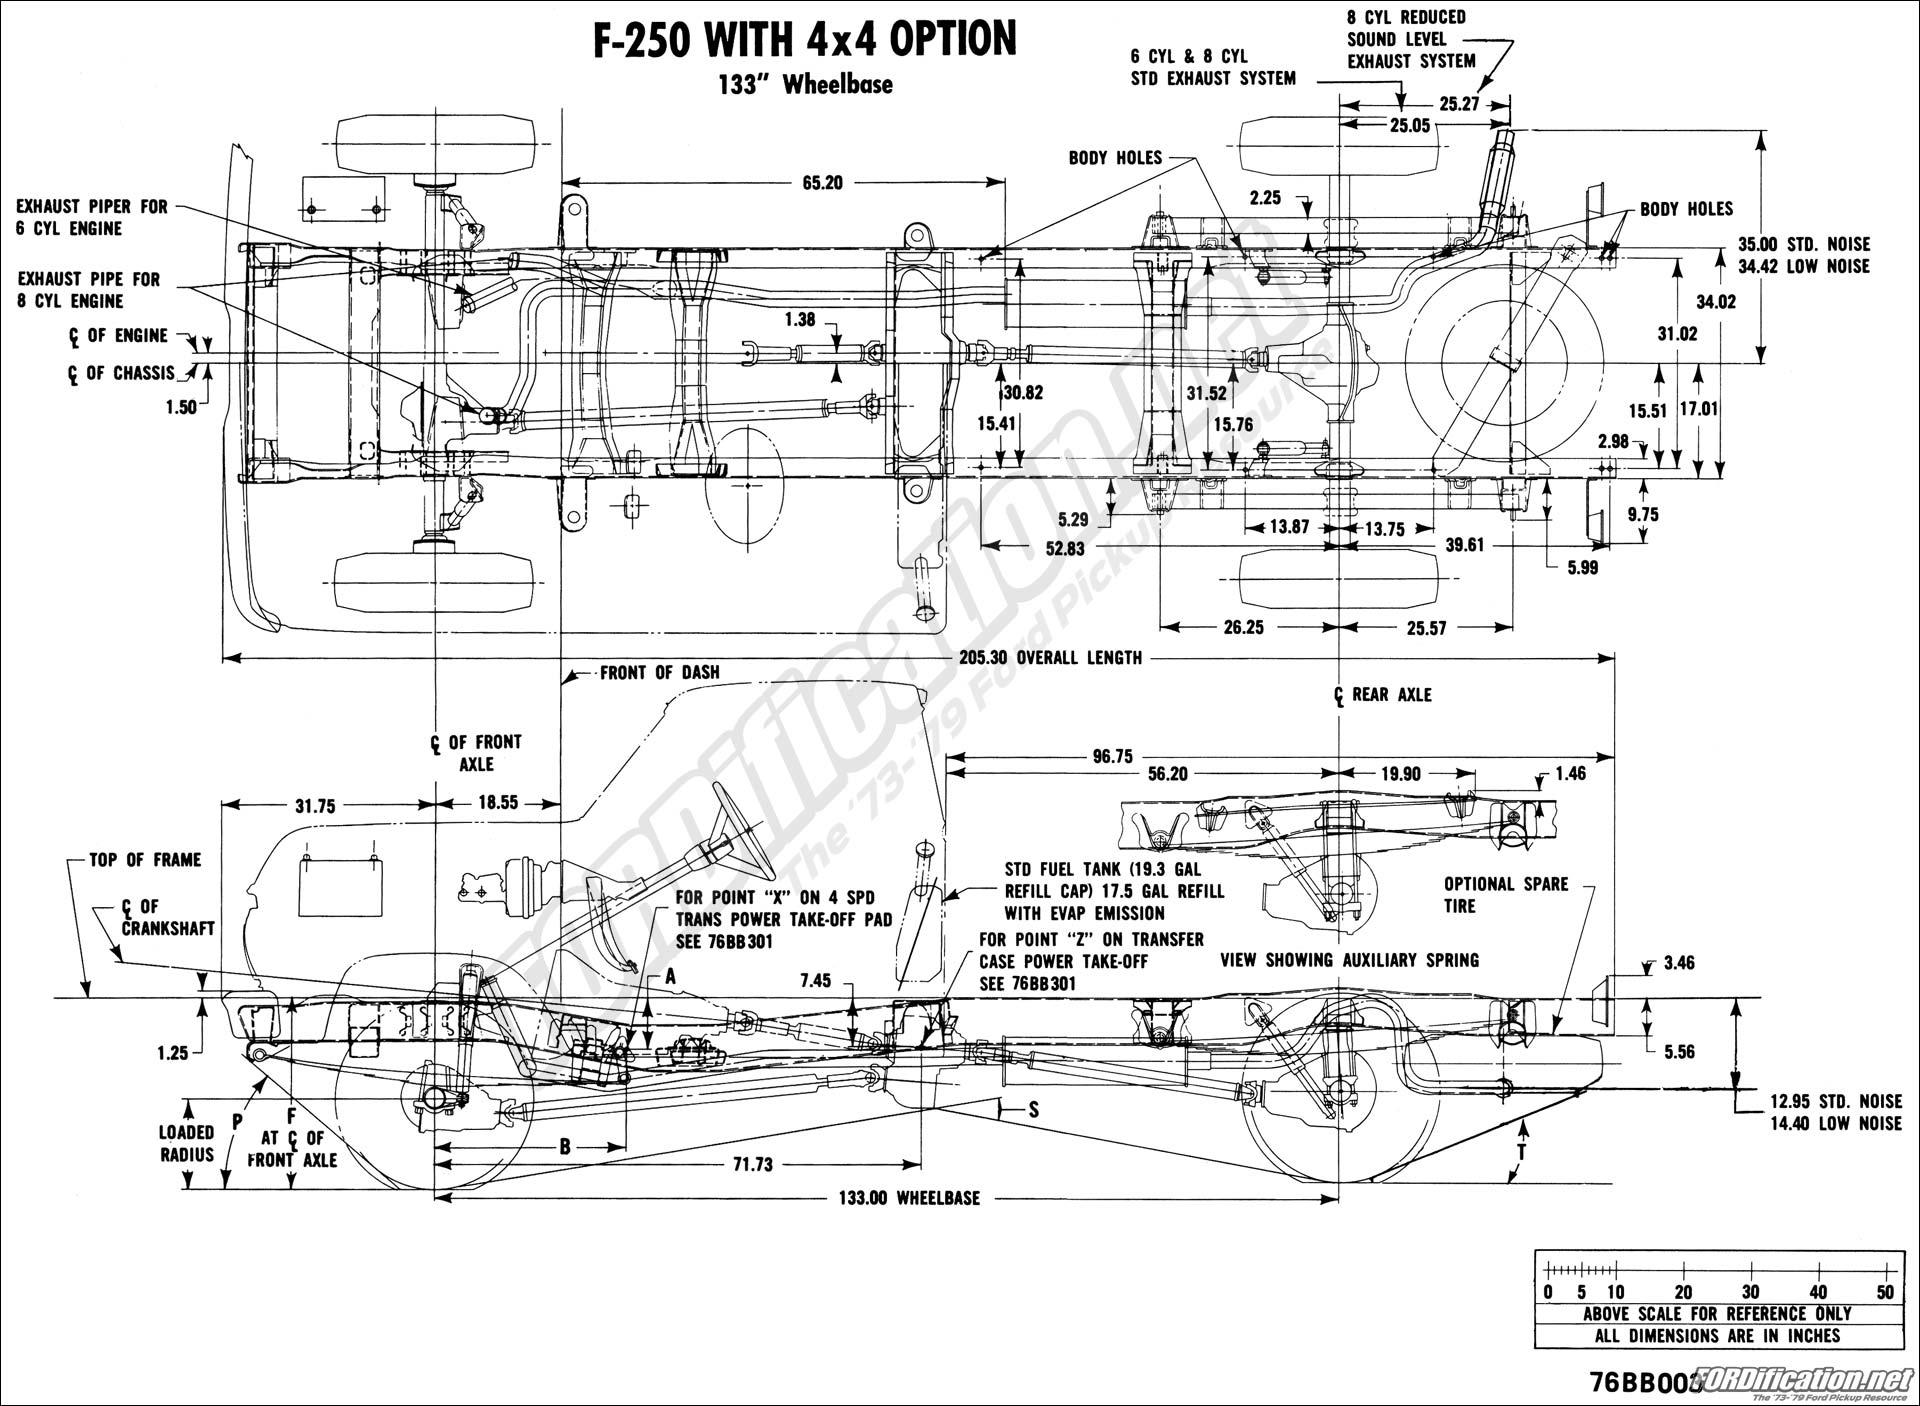 76 F350 4x4 Conversion